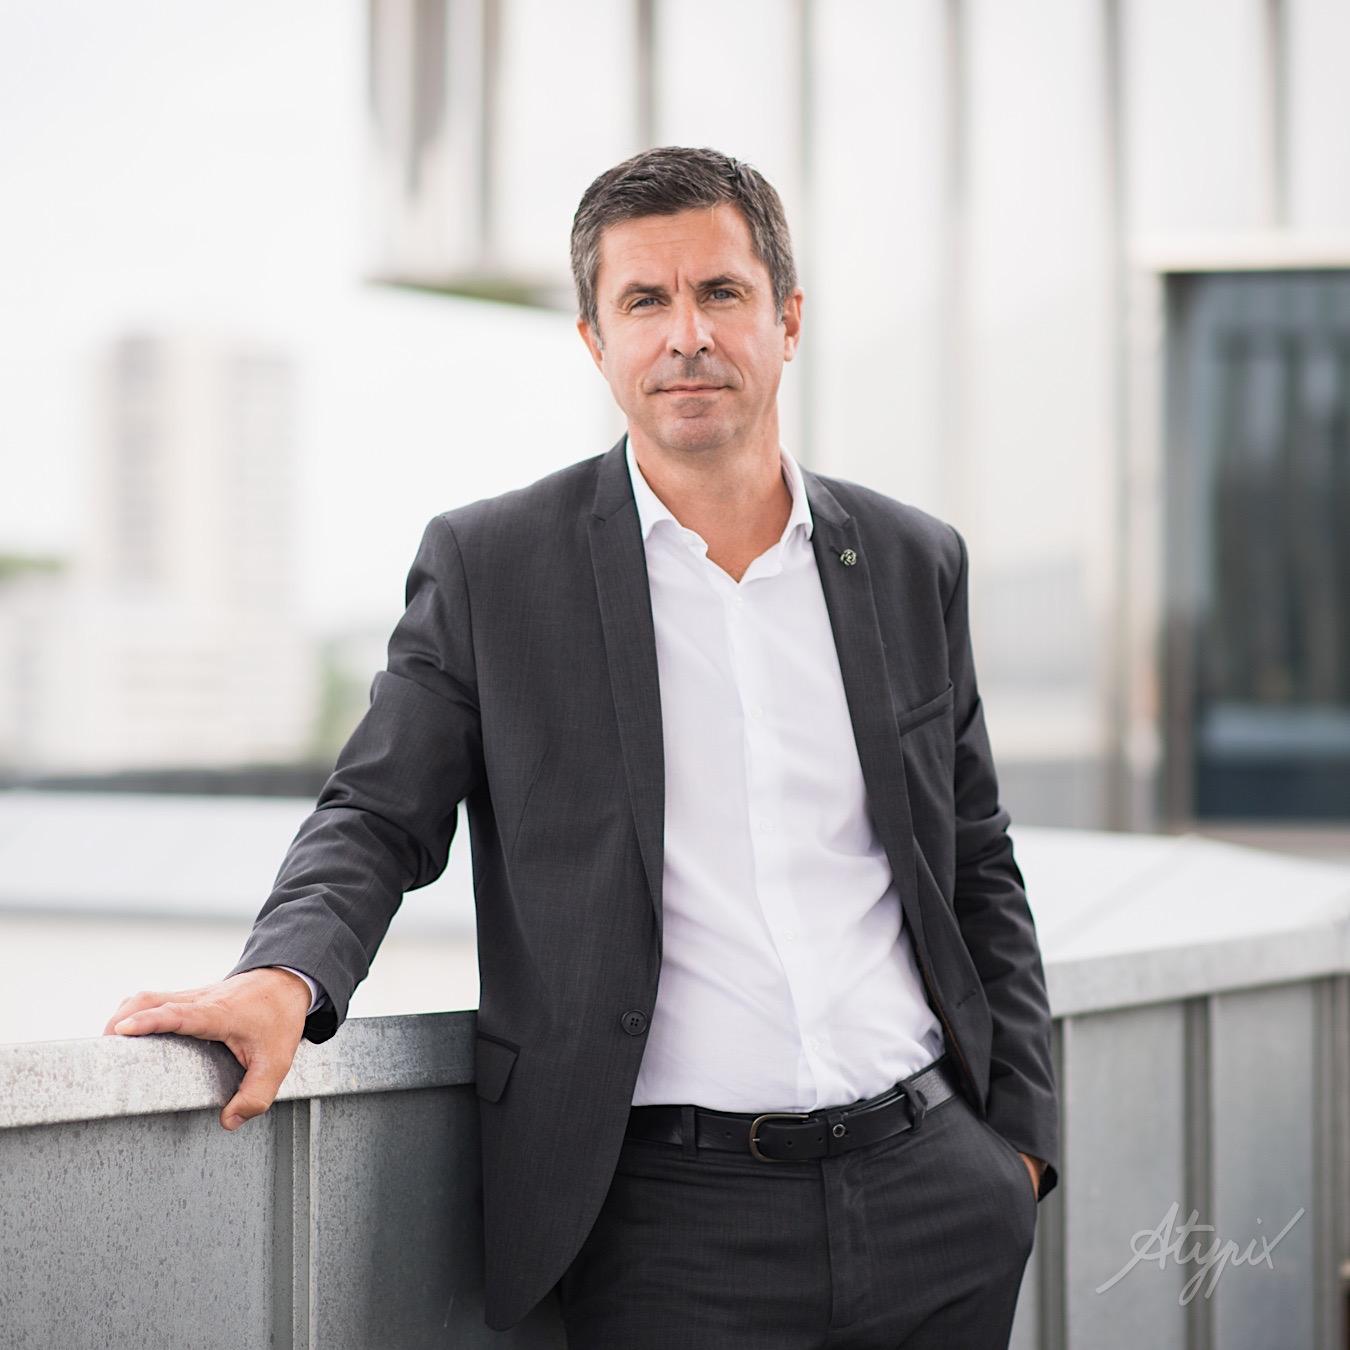 photographe corporate portrait engreprise nantes